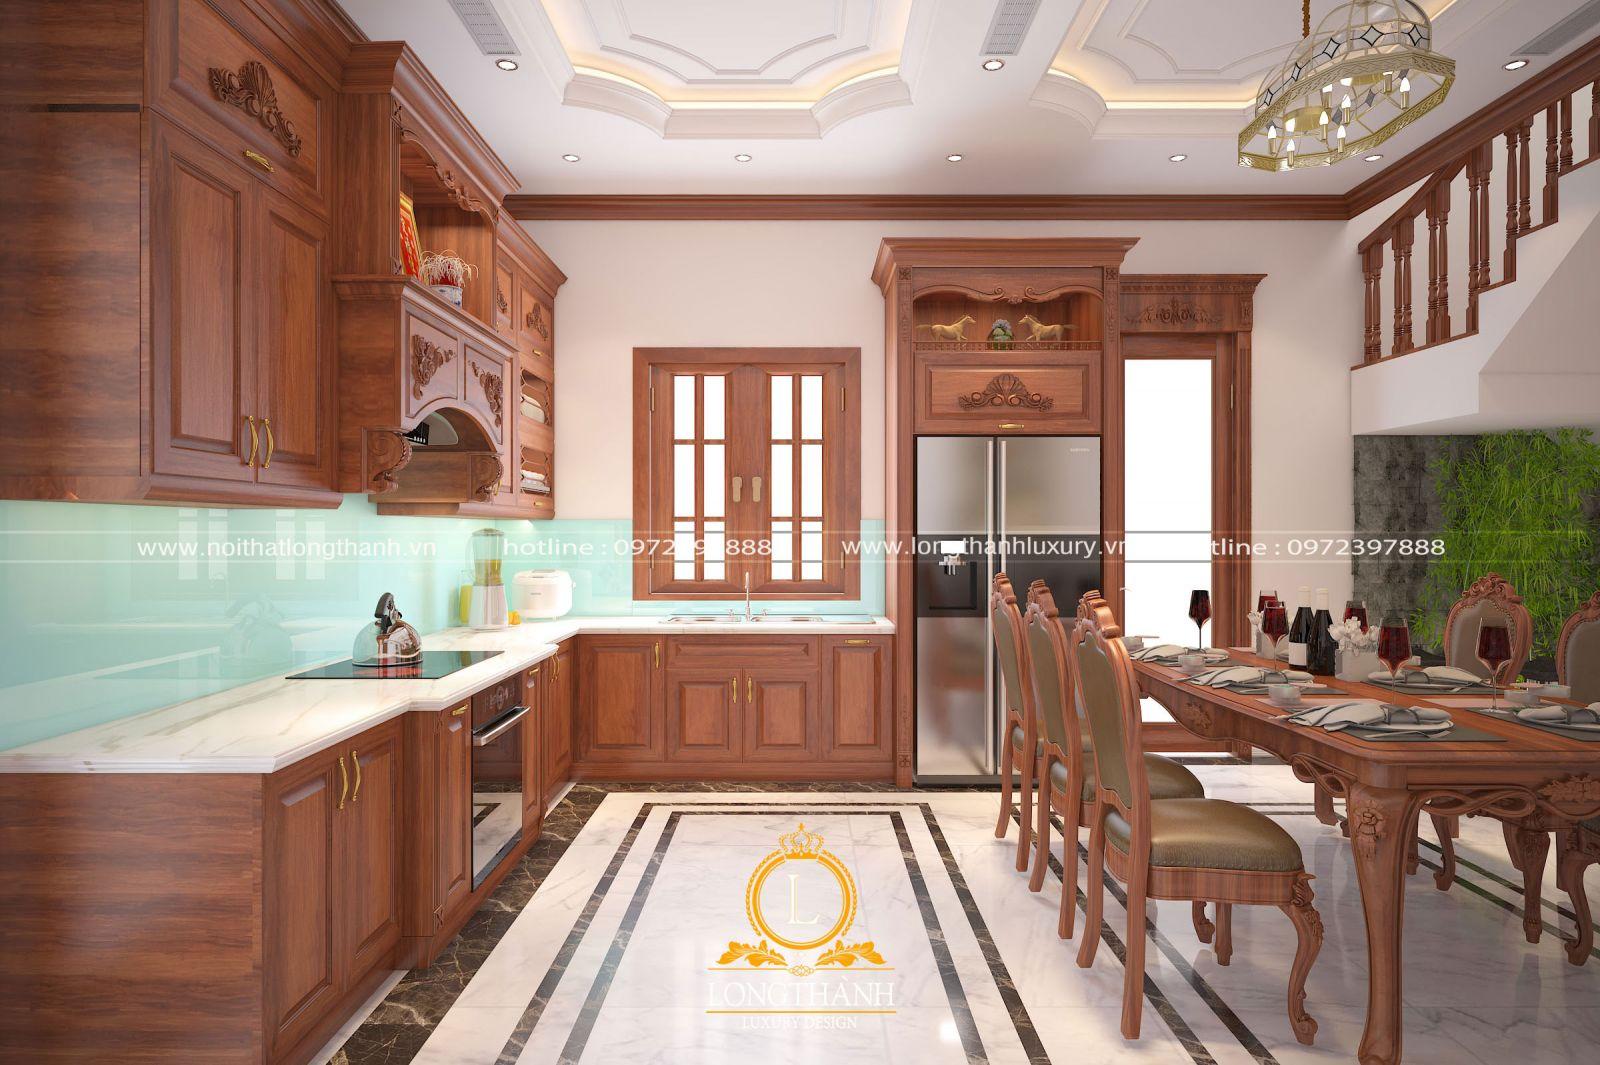 Tủ bếp gỗ Gõ với gam màu vàng sáng đẹp nhẹ nhàng